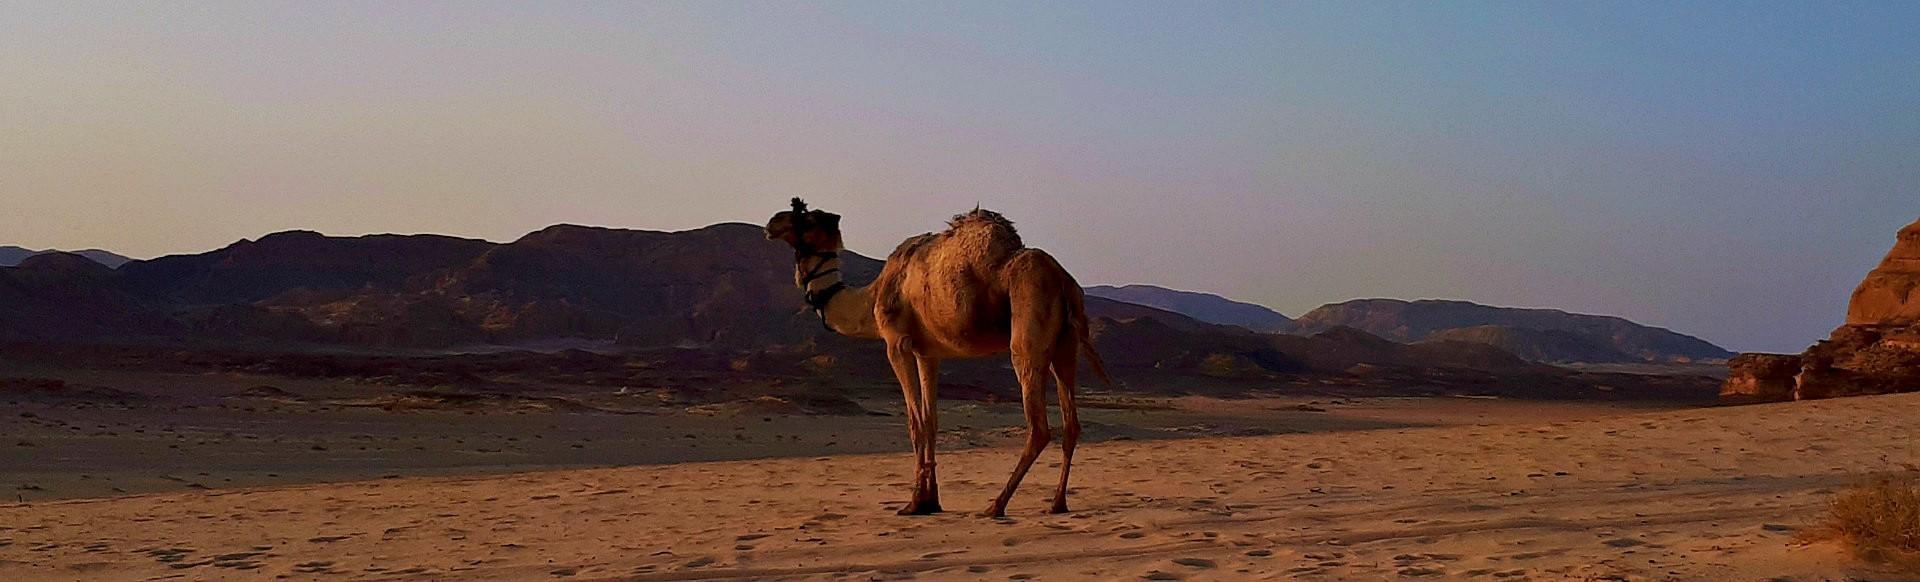 de kameel st dalel